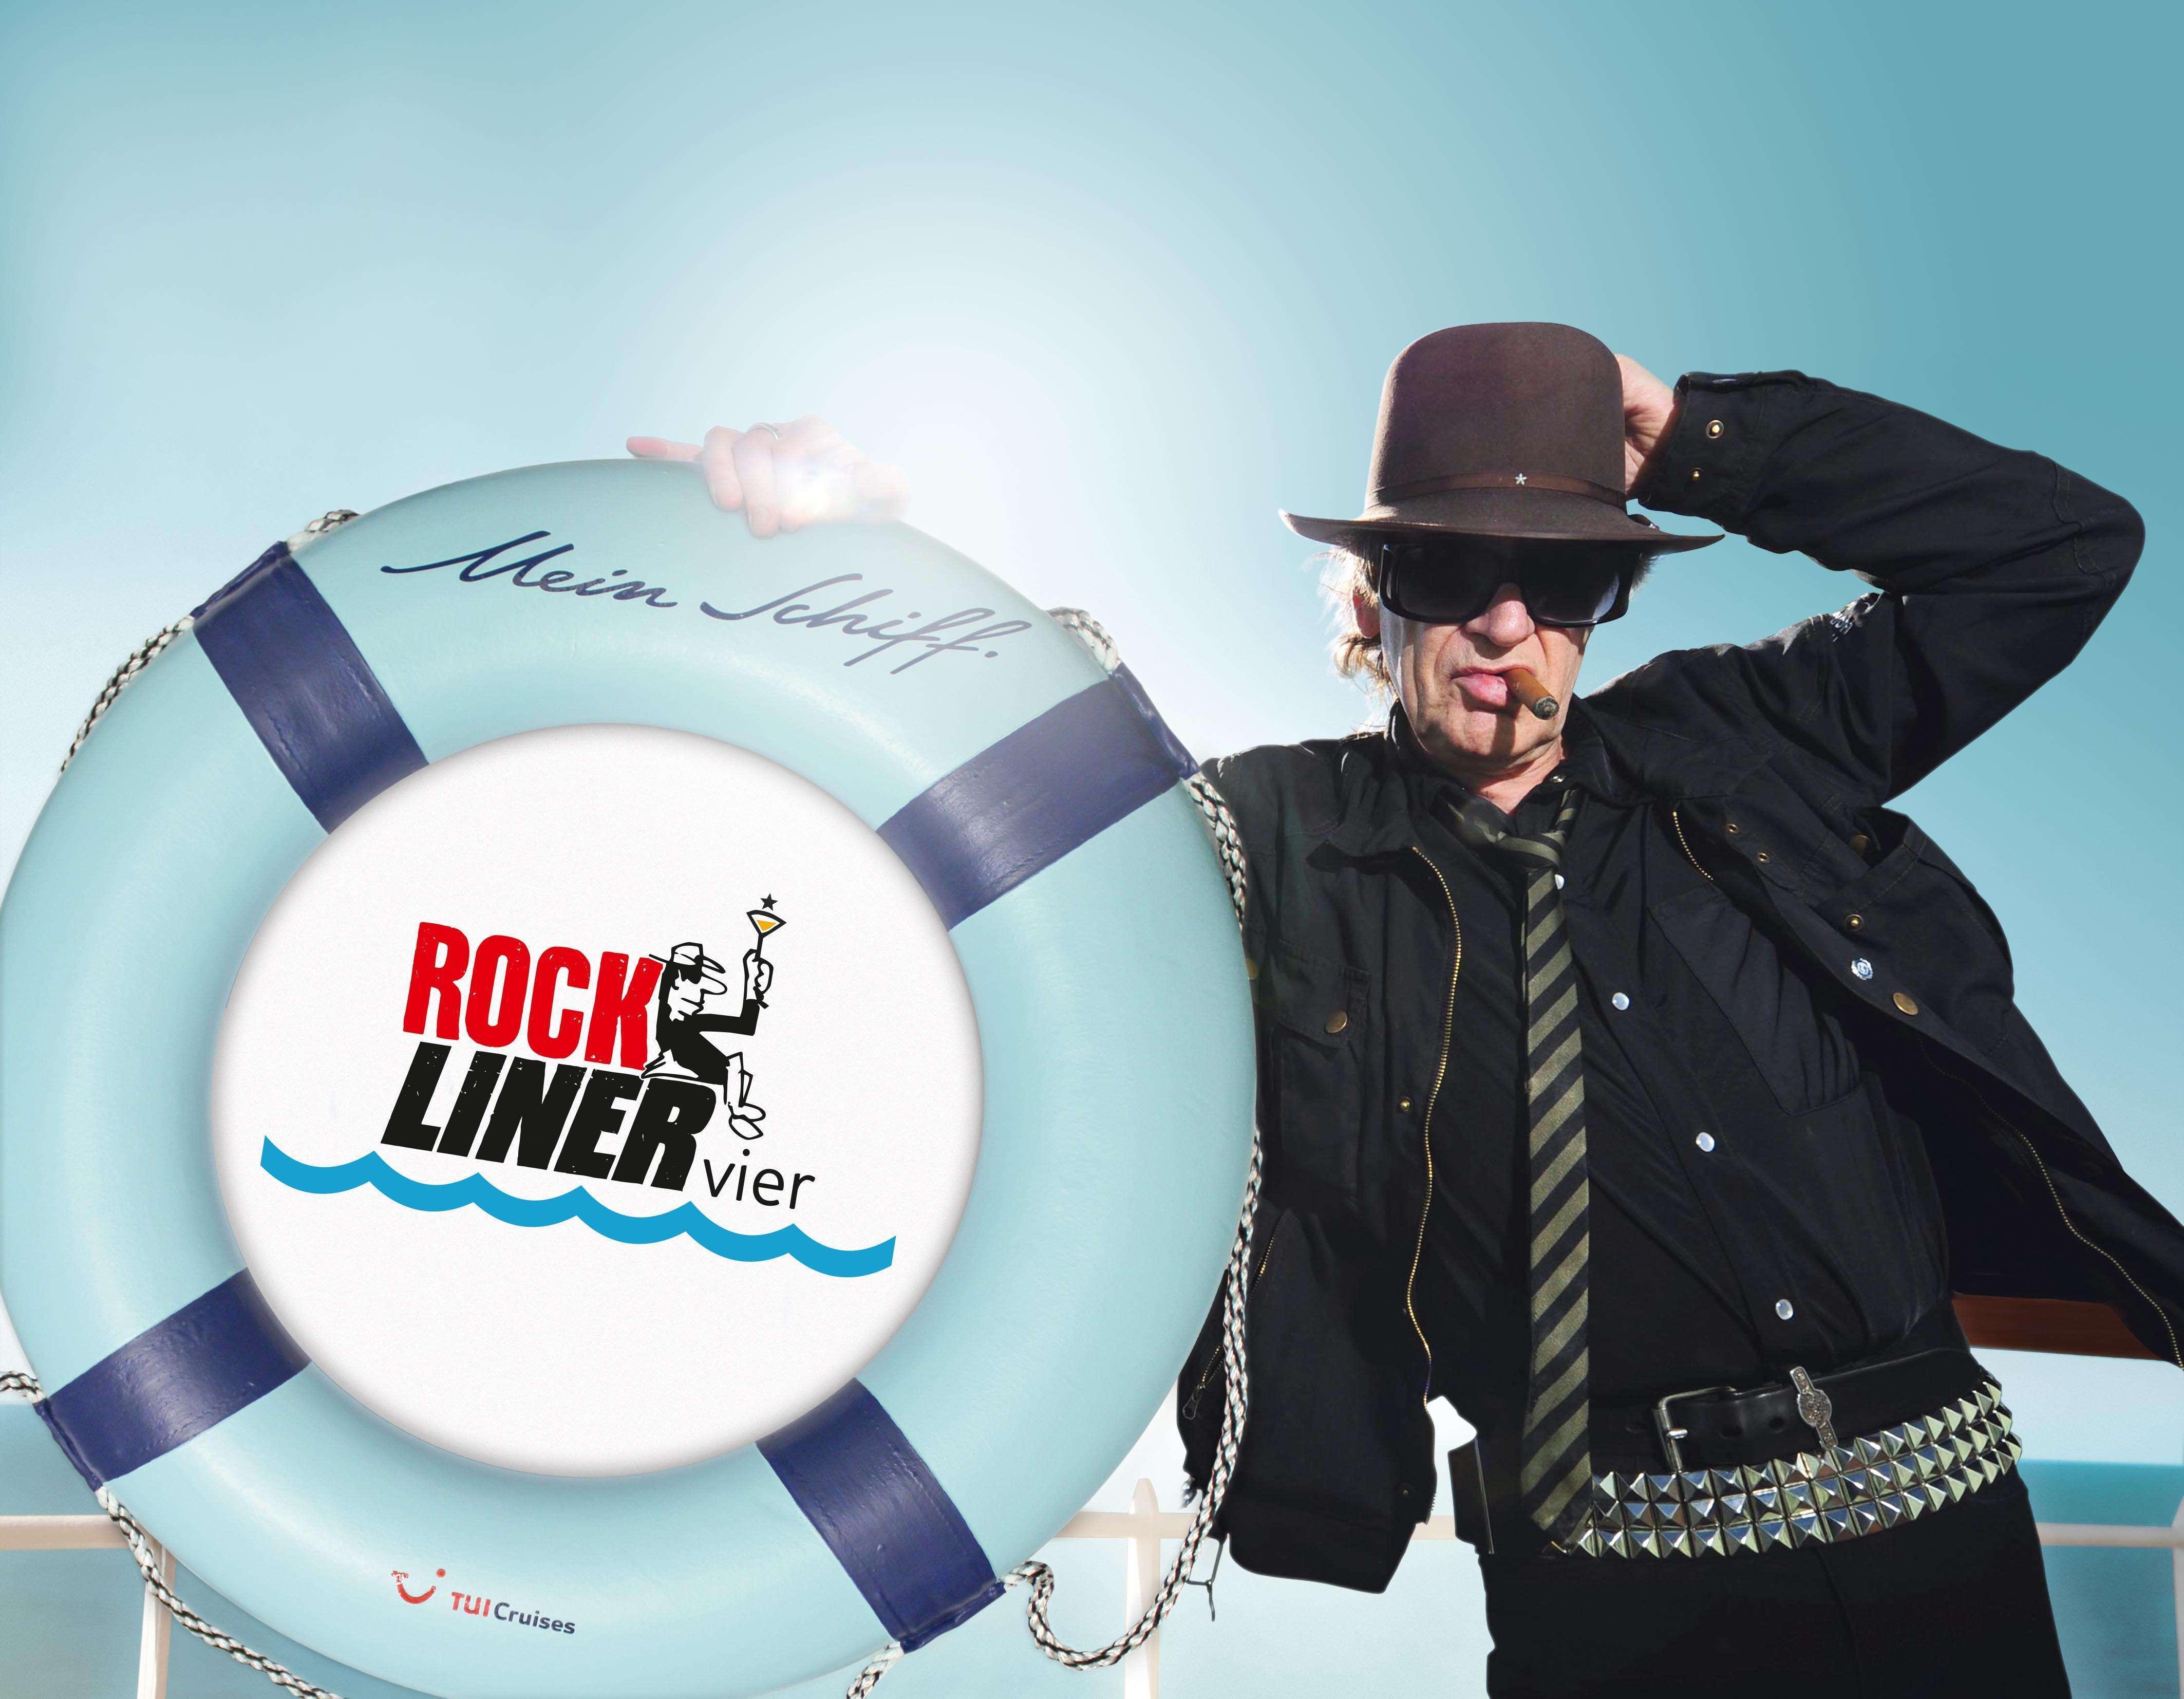 udo_lindenberg_sticht_wieder_mit_dem_rockliner_in_see_tui_cruises-1